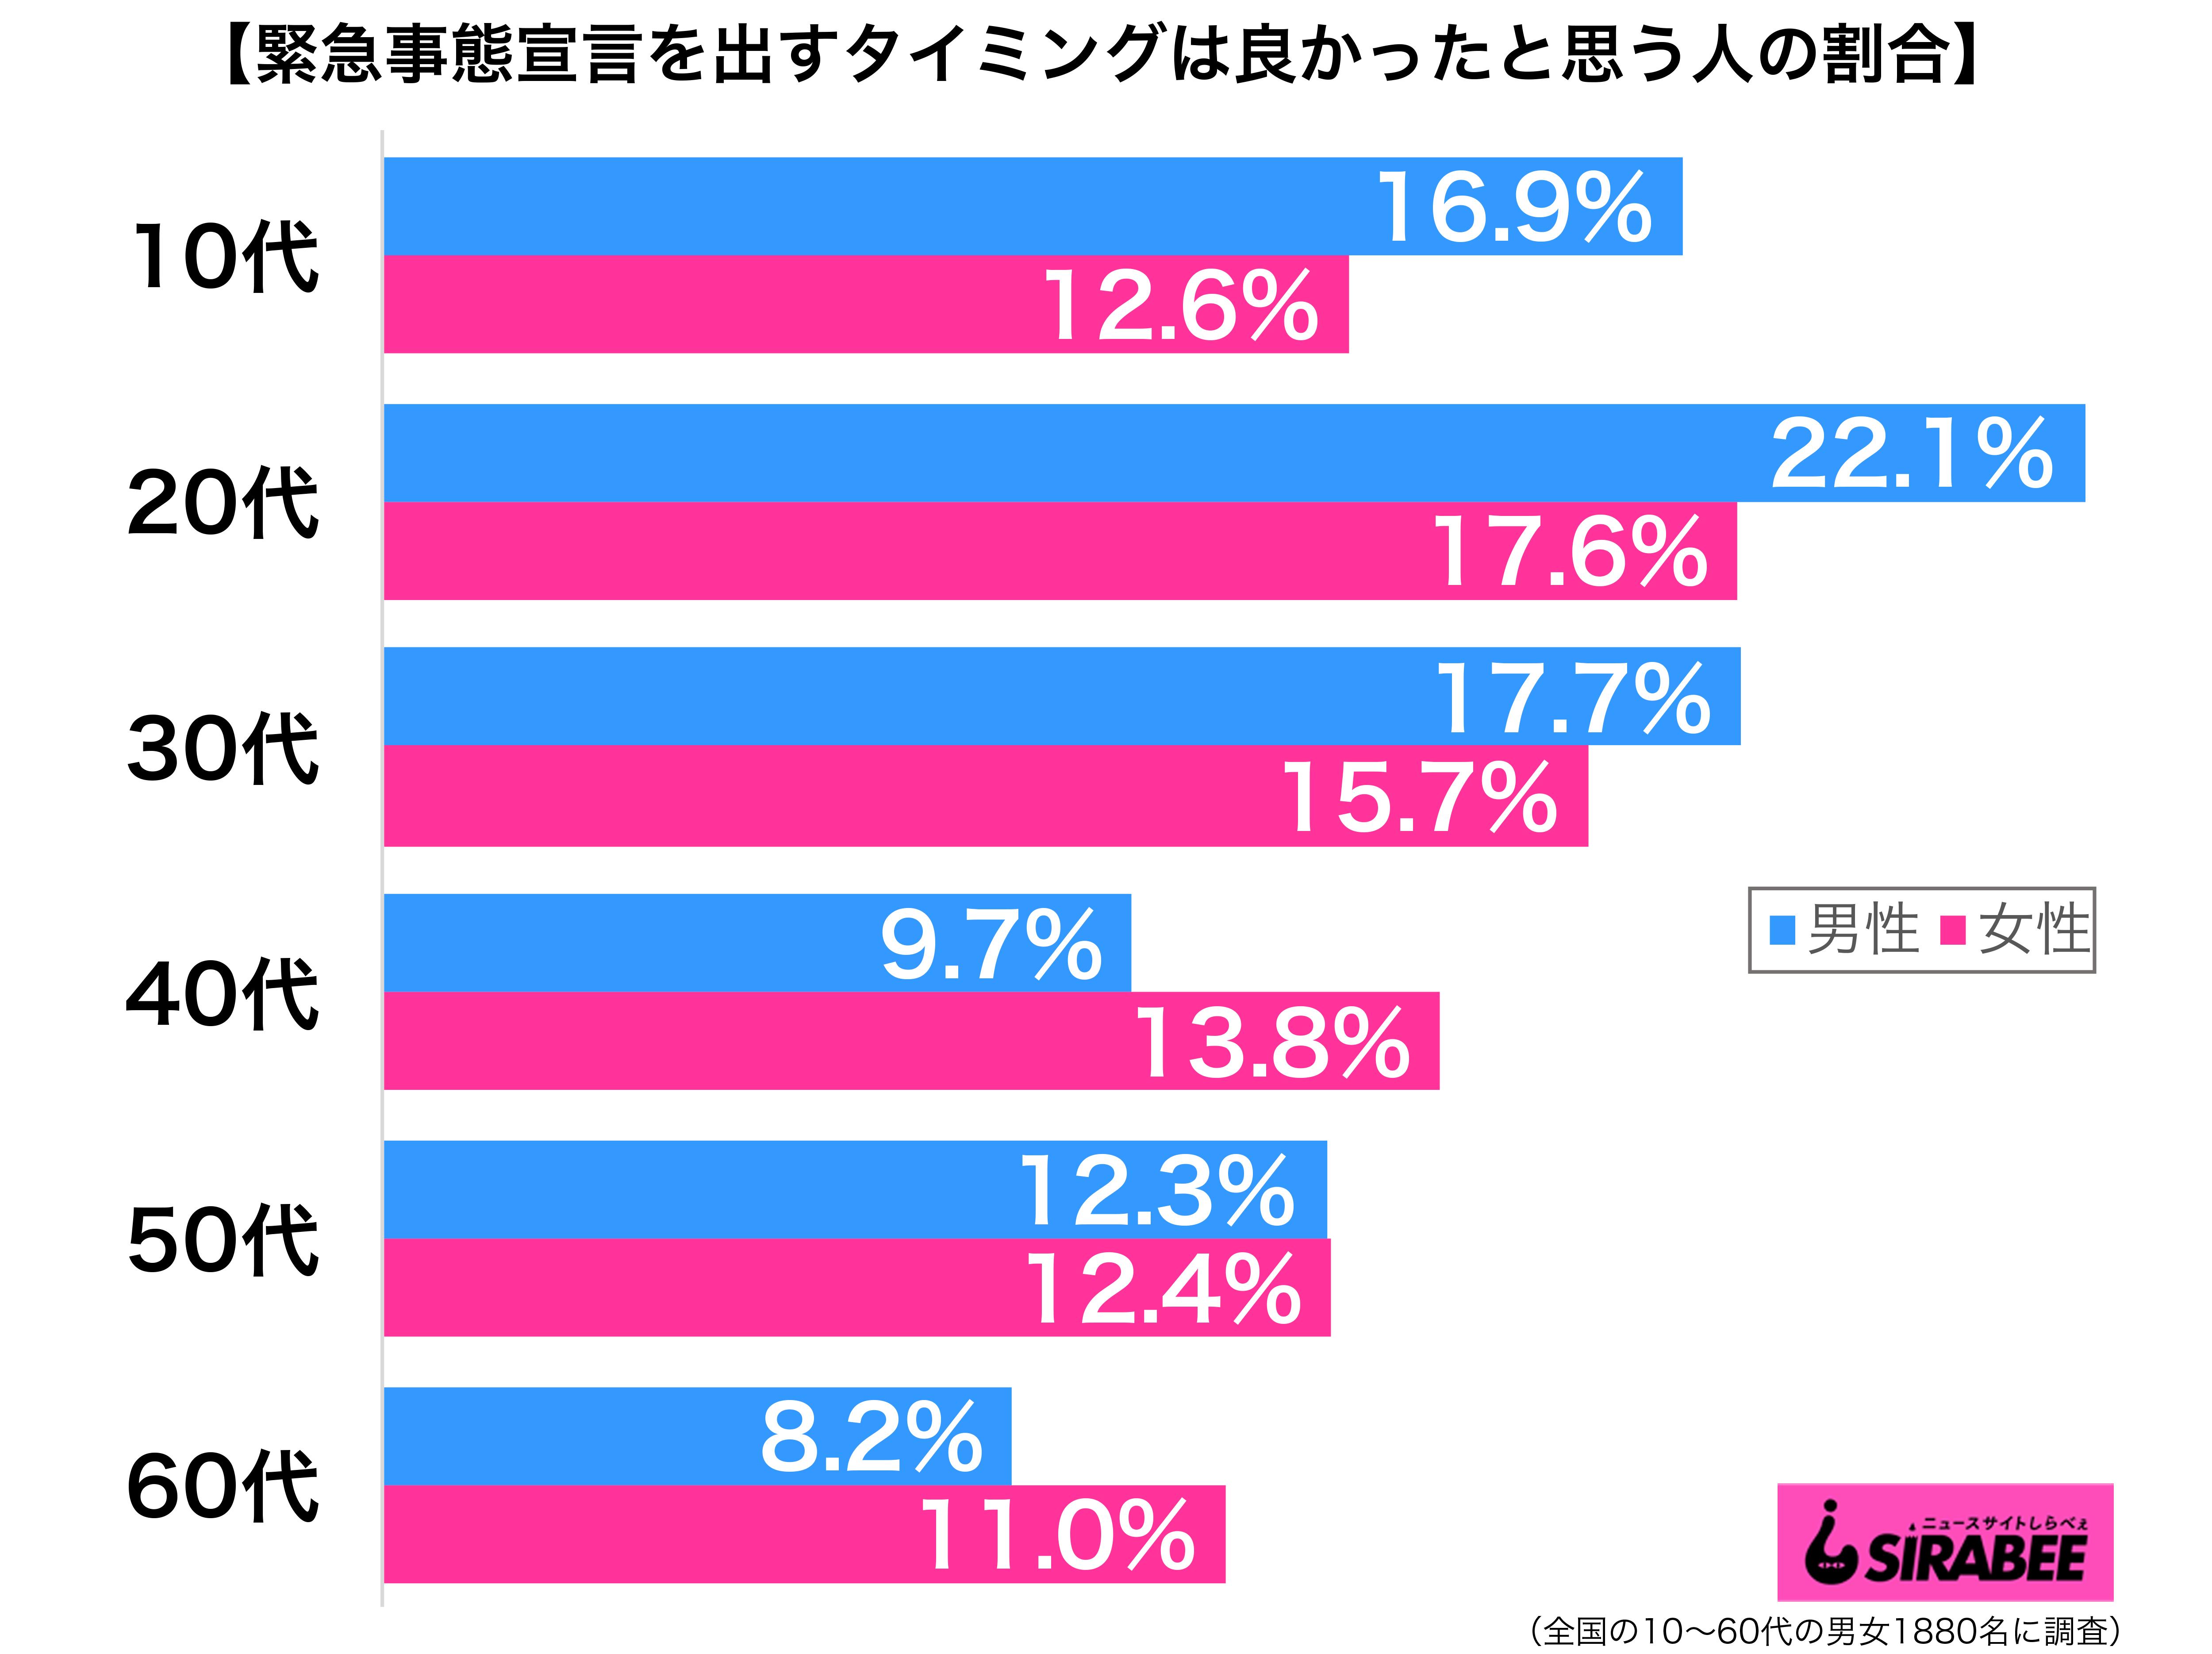 日本が緊急事態宣言を出すタイミングはちょうど良かったと思う性年代別グラフ